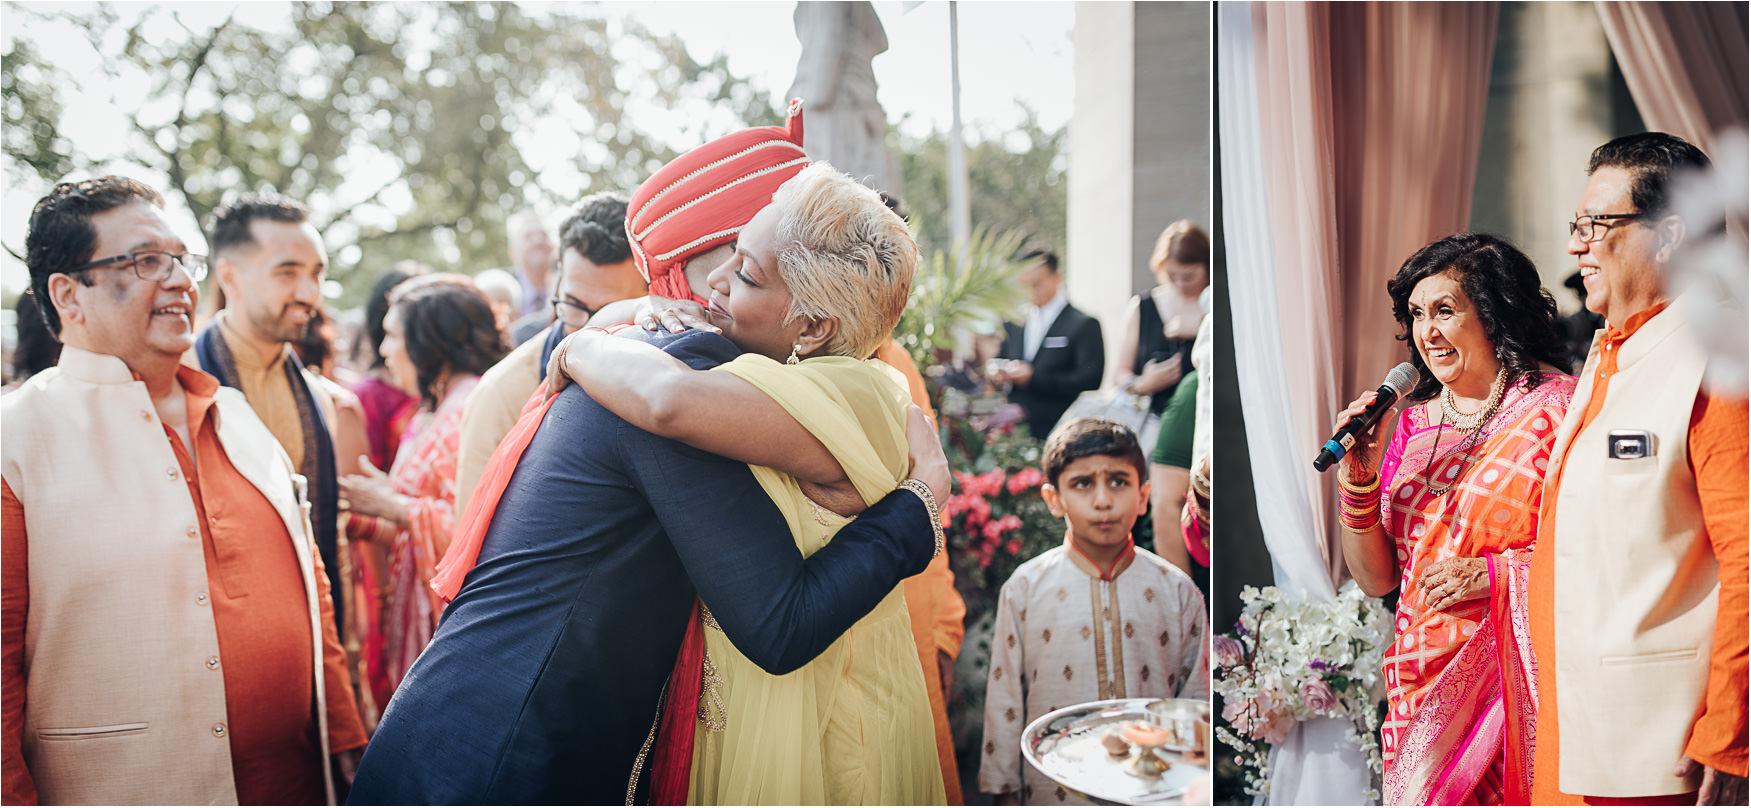 Hindu Wedding Baraat Liberty Grand